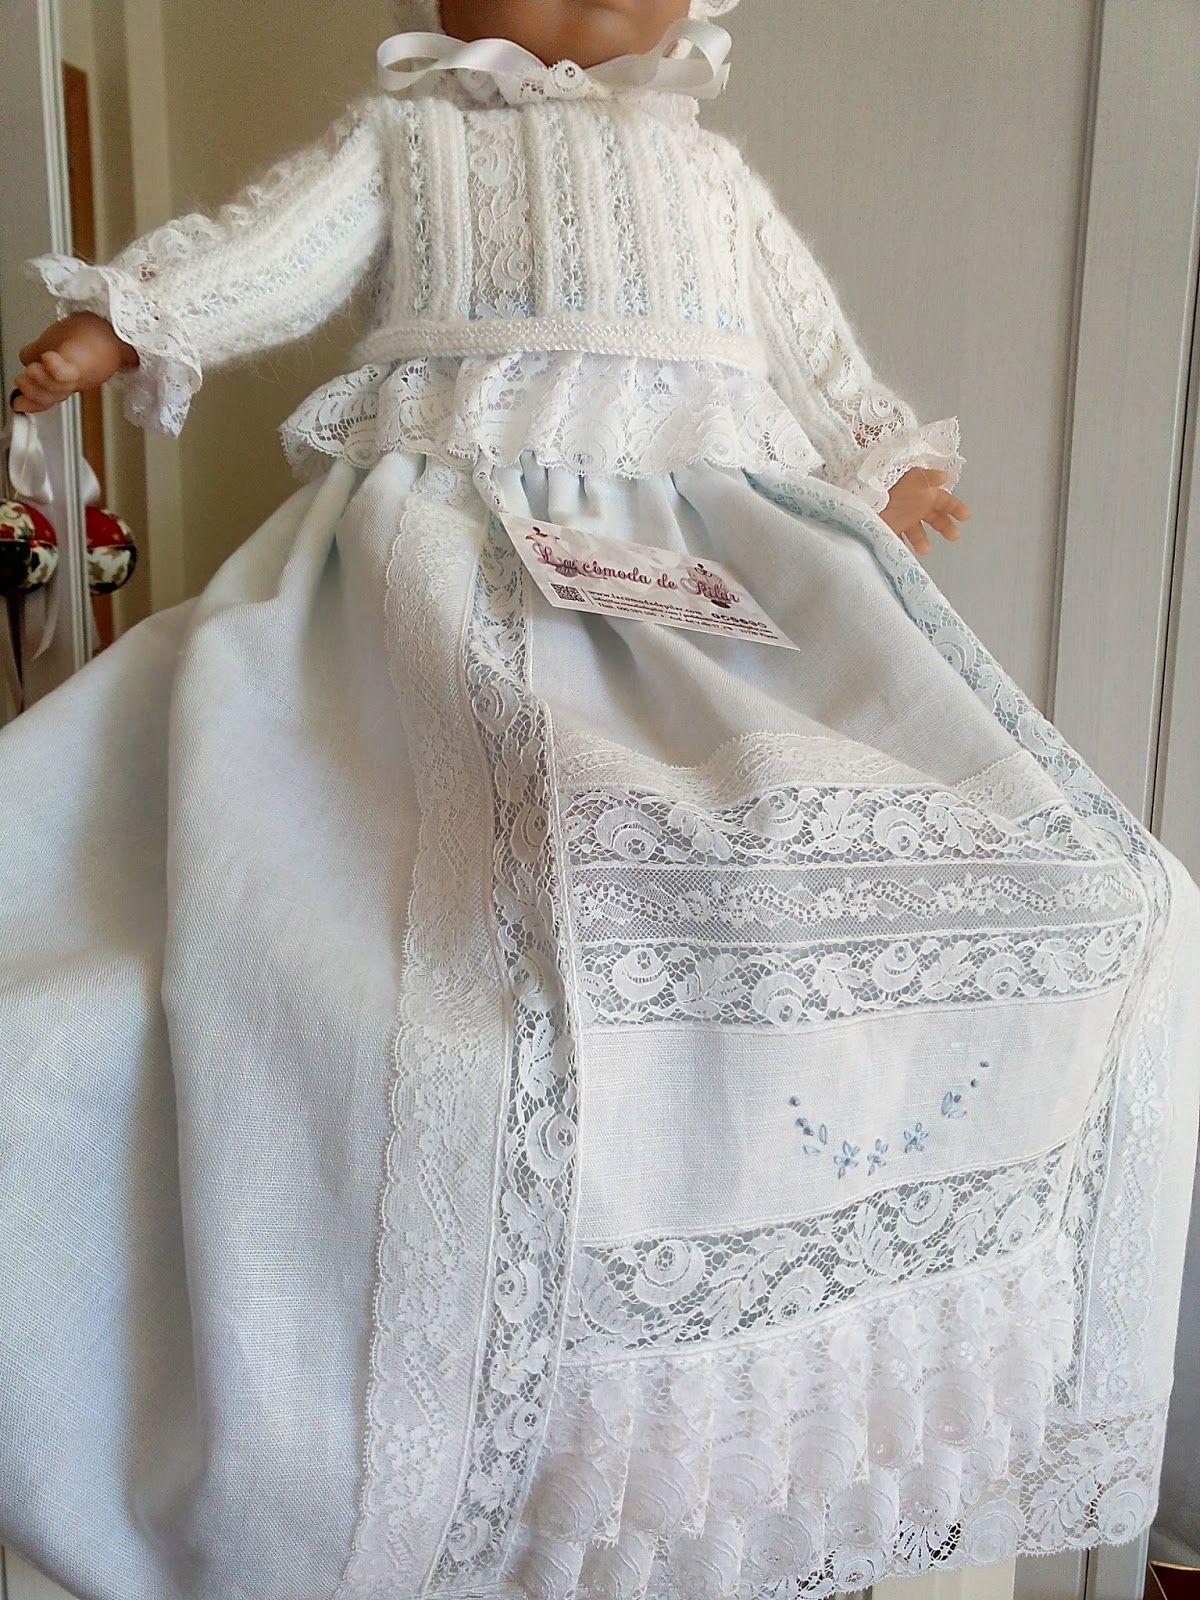 Blog de ropa artesanal para bebé, , bautizo, comunión y novia ...